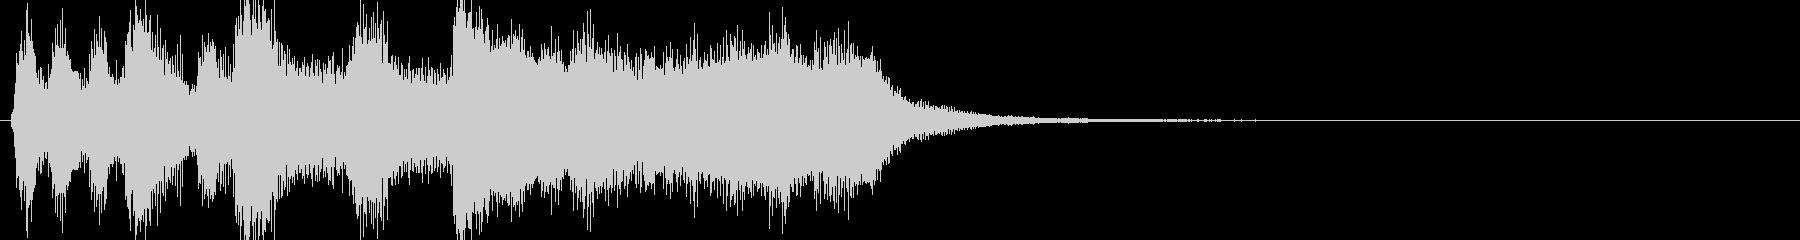 軽い/軽め/小さい ファンファーレ9の未再生の波形